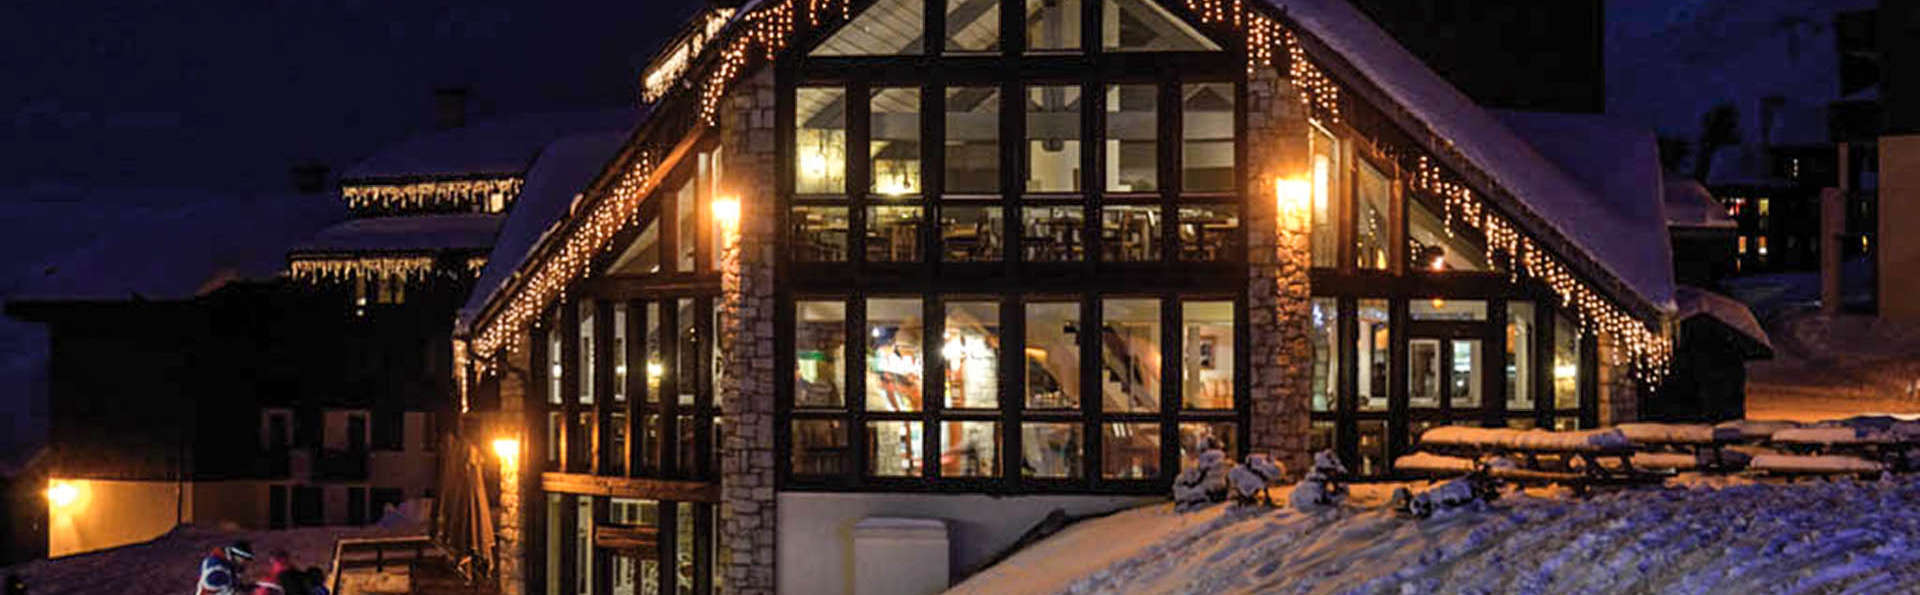 Hôtel Vacances Bleues Belle Plagne - EDIT_RESTAURANT_05.jpg